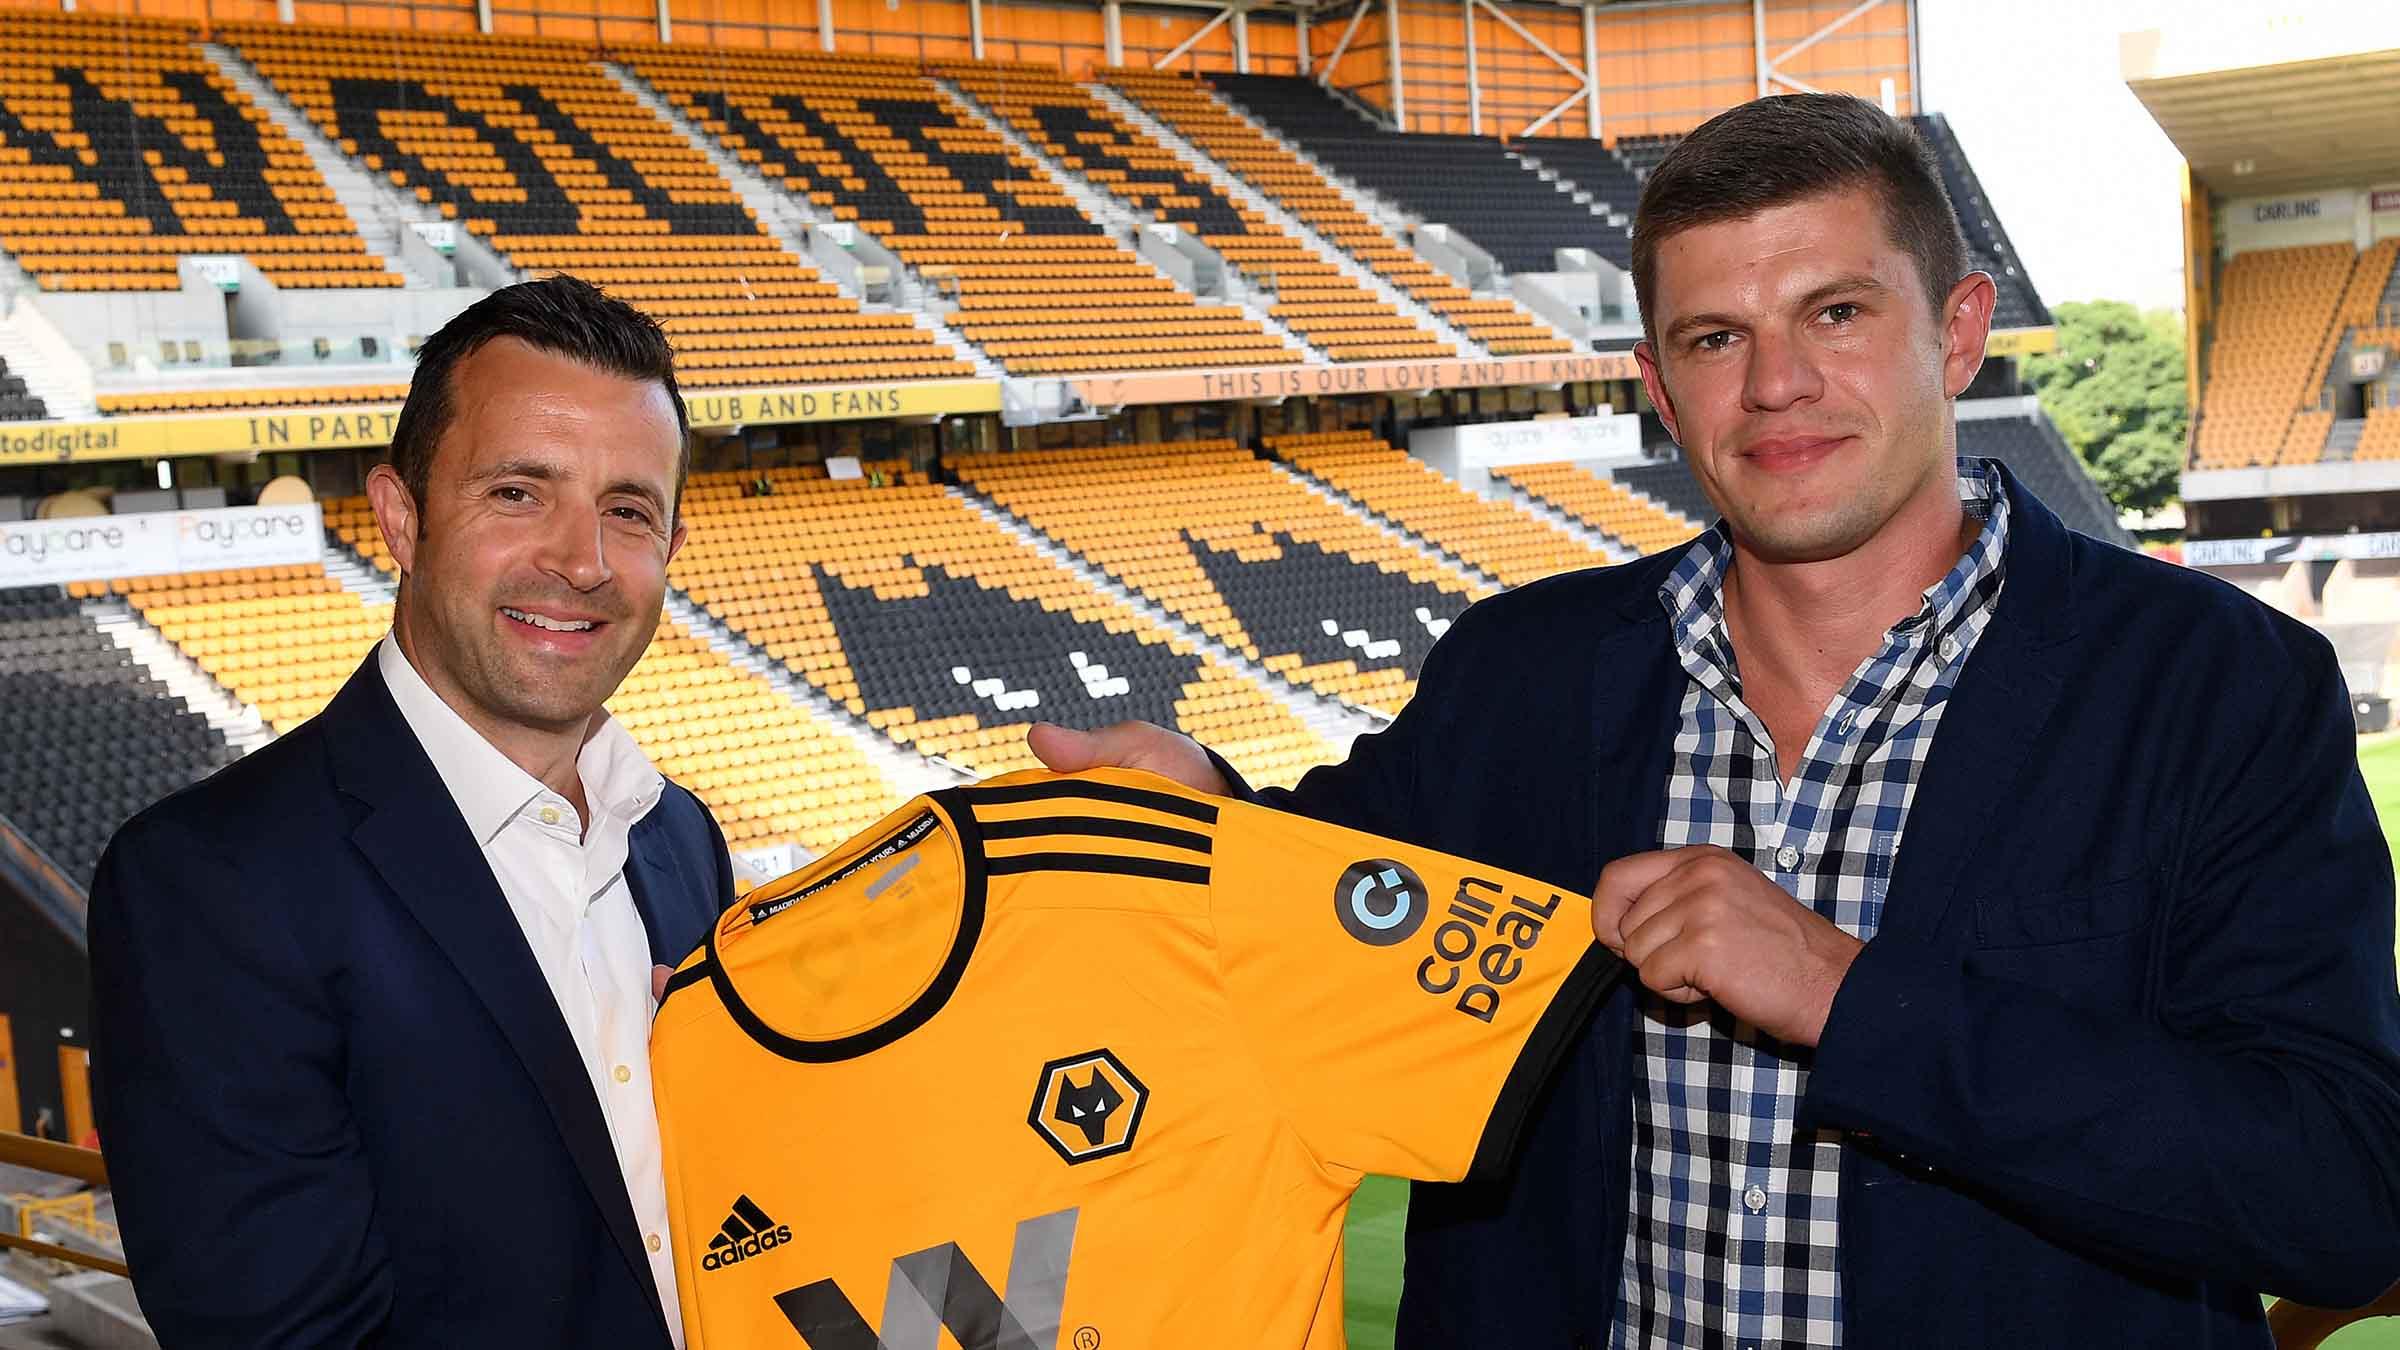 Wolverhampton Wanderers Coin Deal Shirt Sleeve Sponsor Logo Brand Premier League Football Clubs